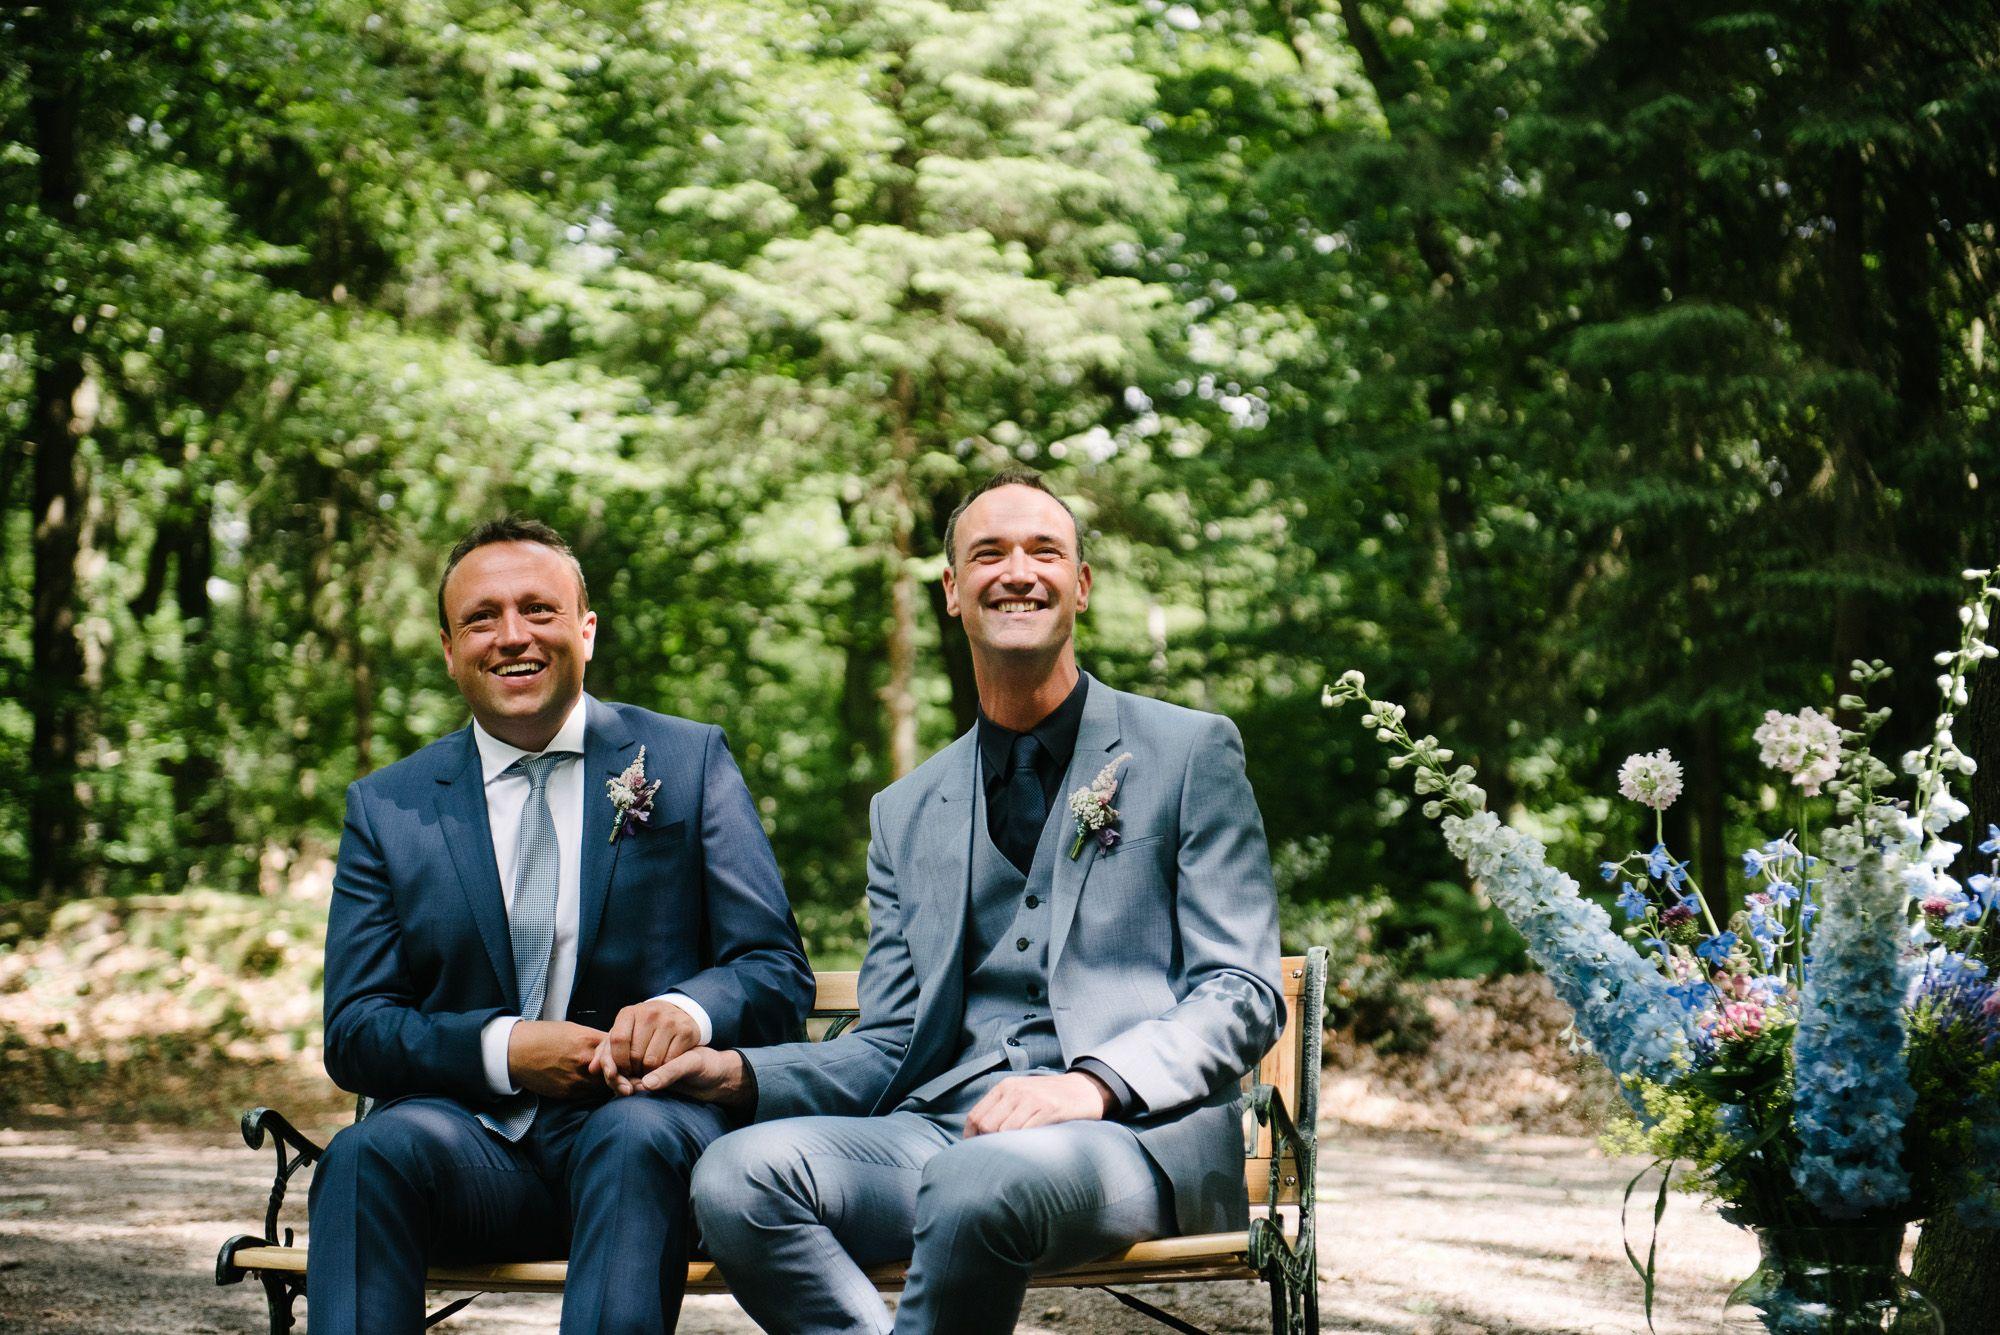 fotograaf homohuwelijk journalistiek spontaan